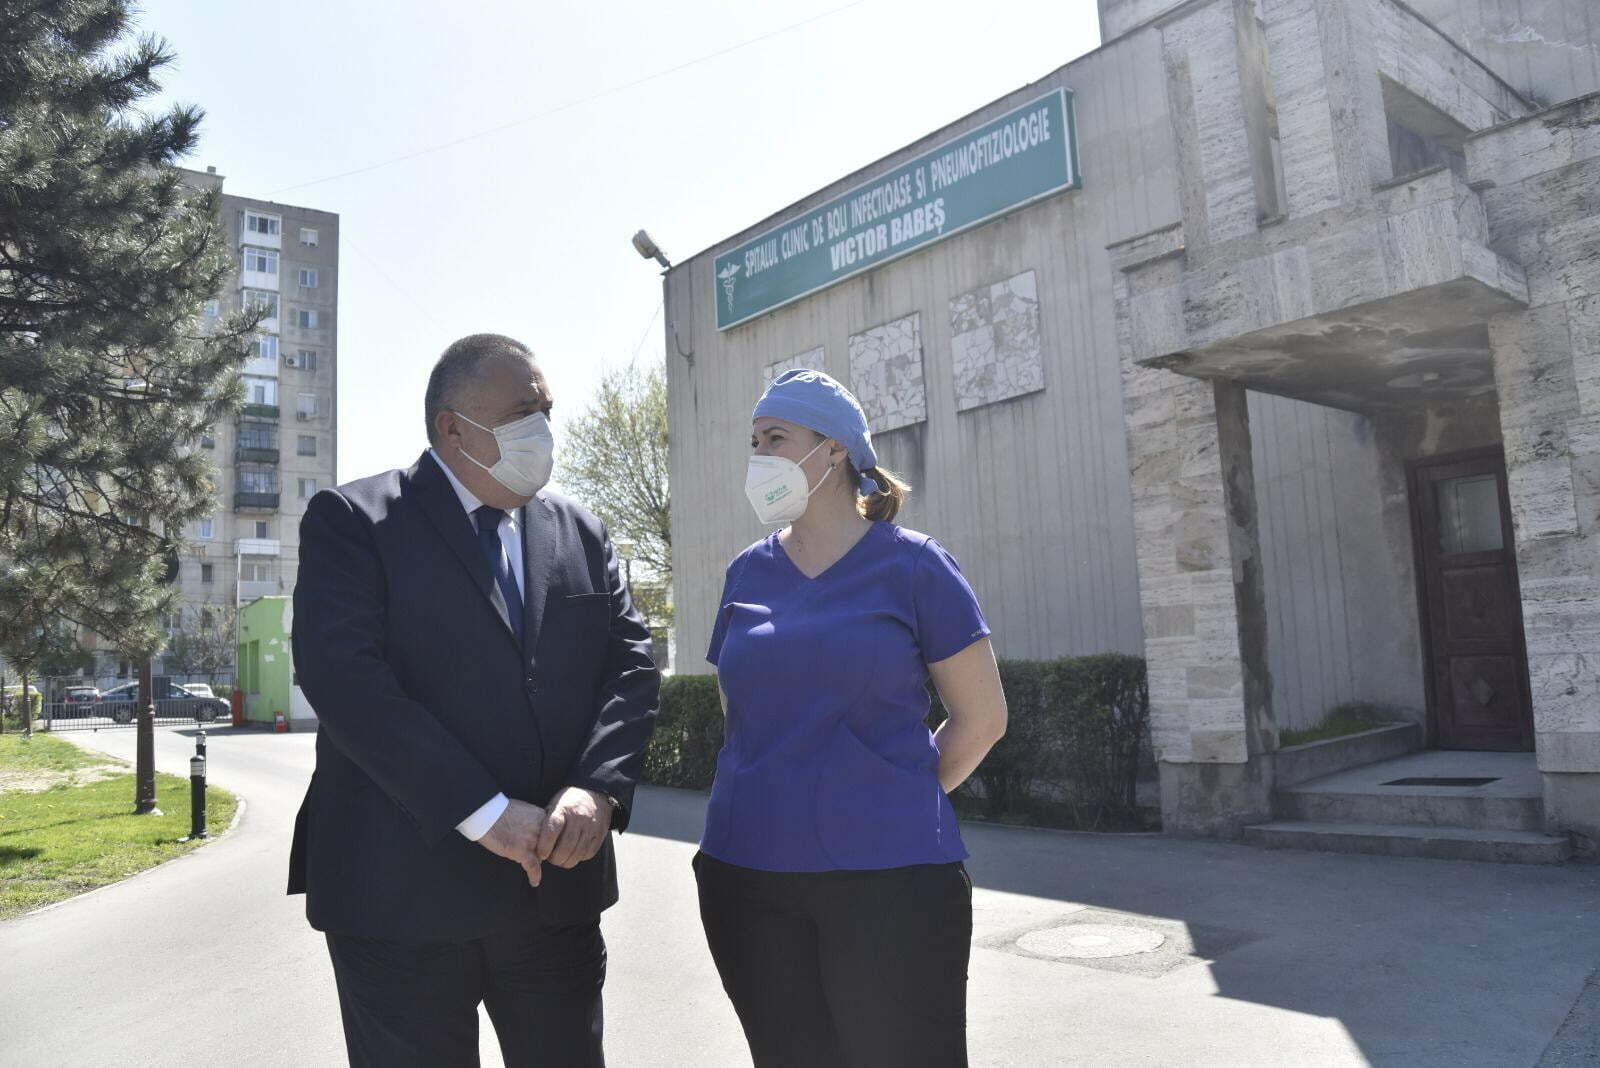 2.1 milioane de lei de la Primărie pentru Spitalul Victor Babeș!